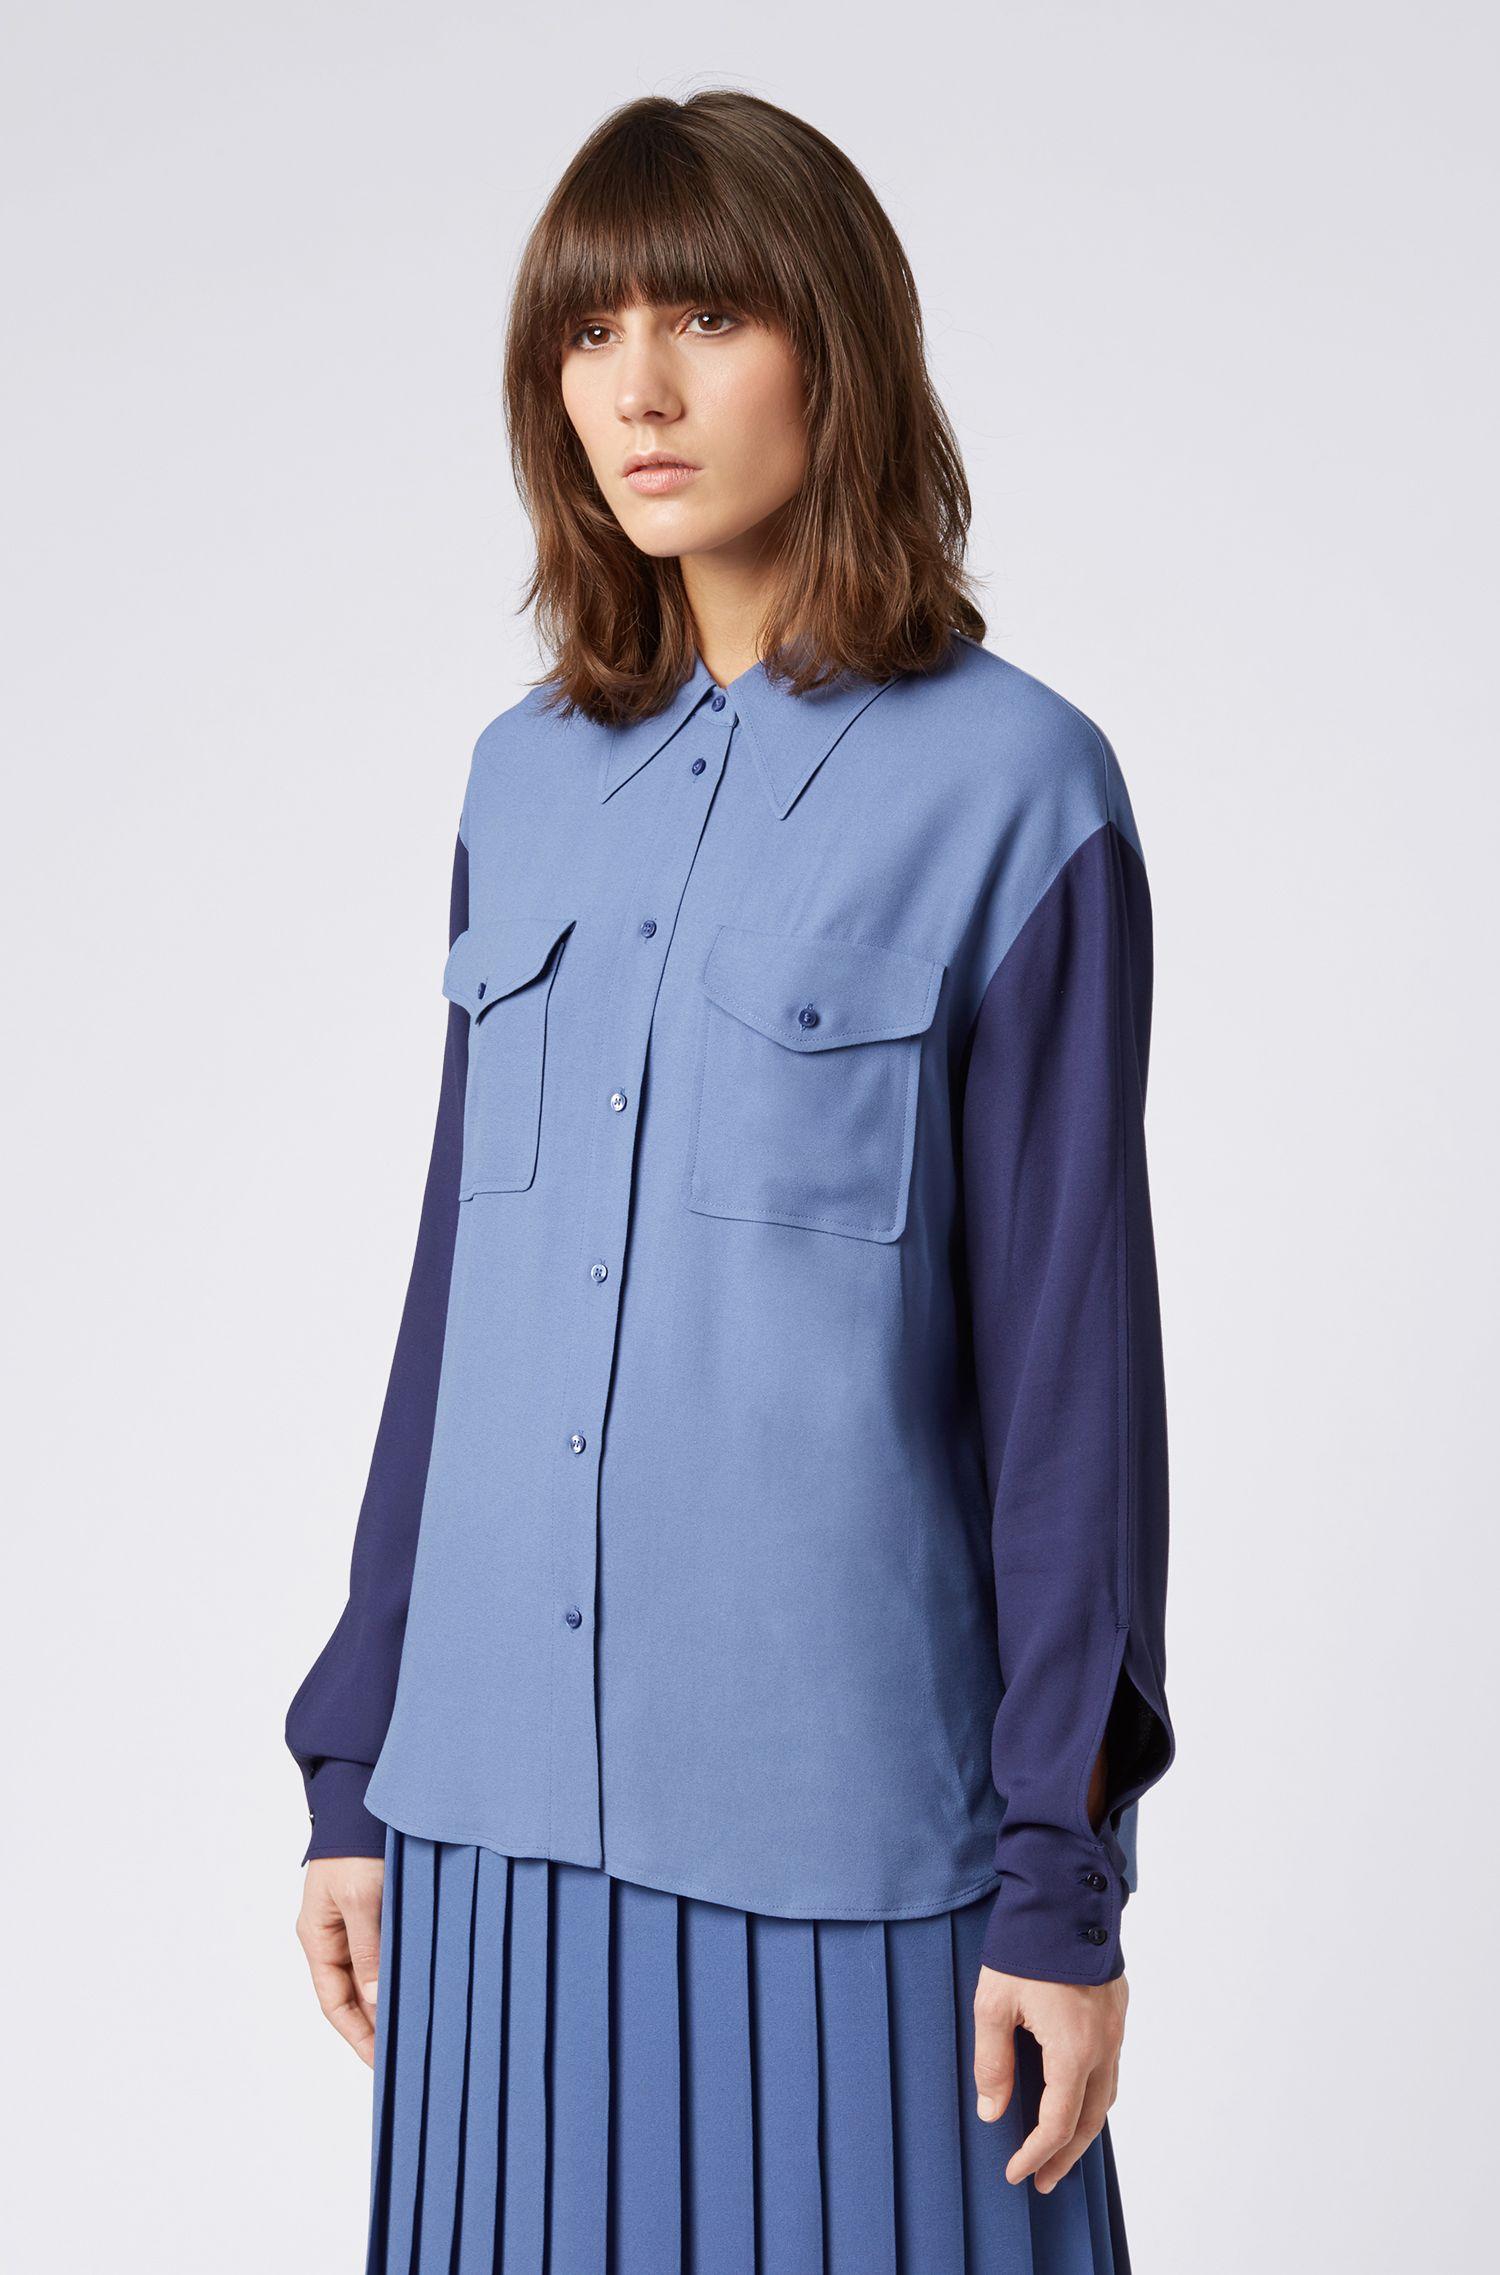 Bluse aus französischem Krepp mit aufgesetzten Taschen, Blau